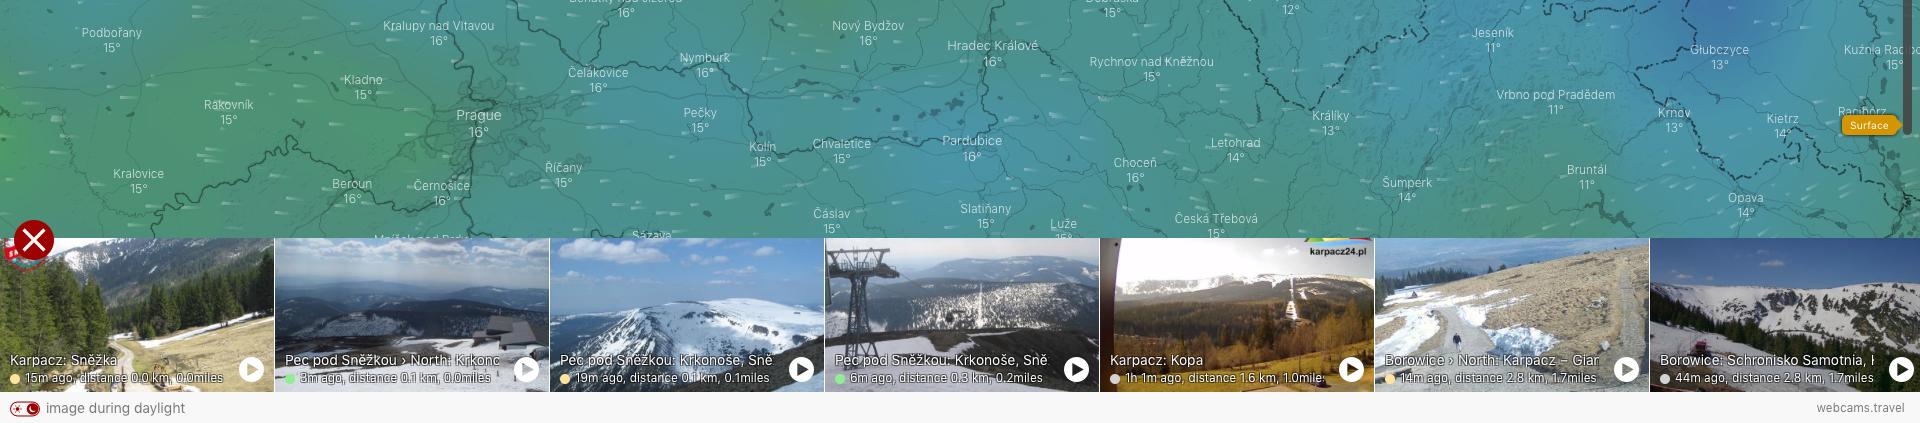 Photo: Windy.com;desc: Po rozkliknutí kulaté ikony webkamery se rozevře seznam všech dostupných.;